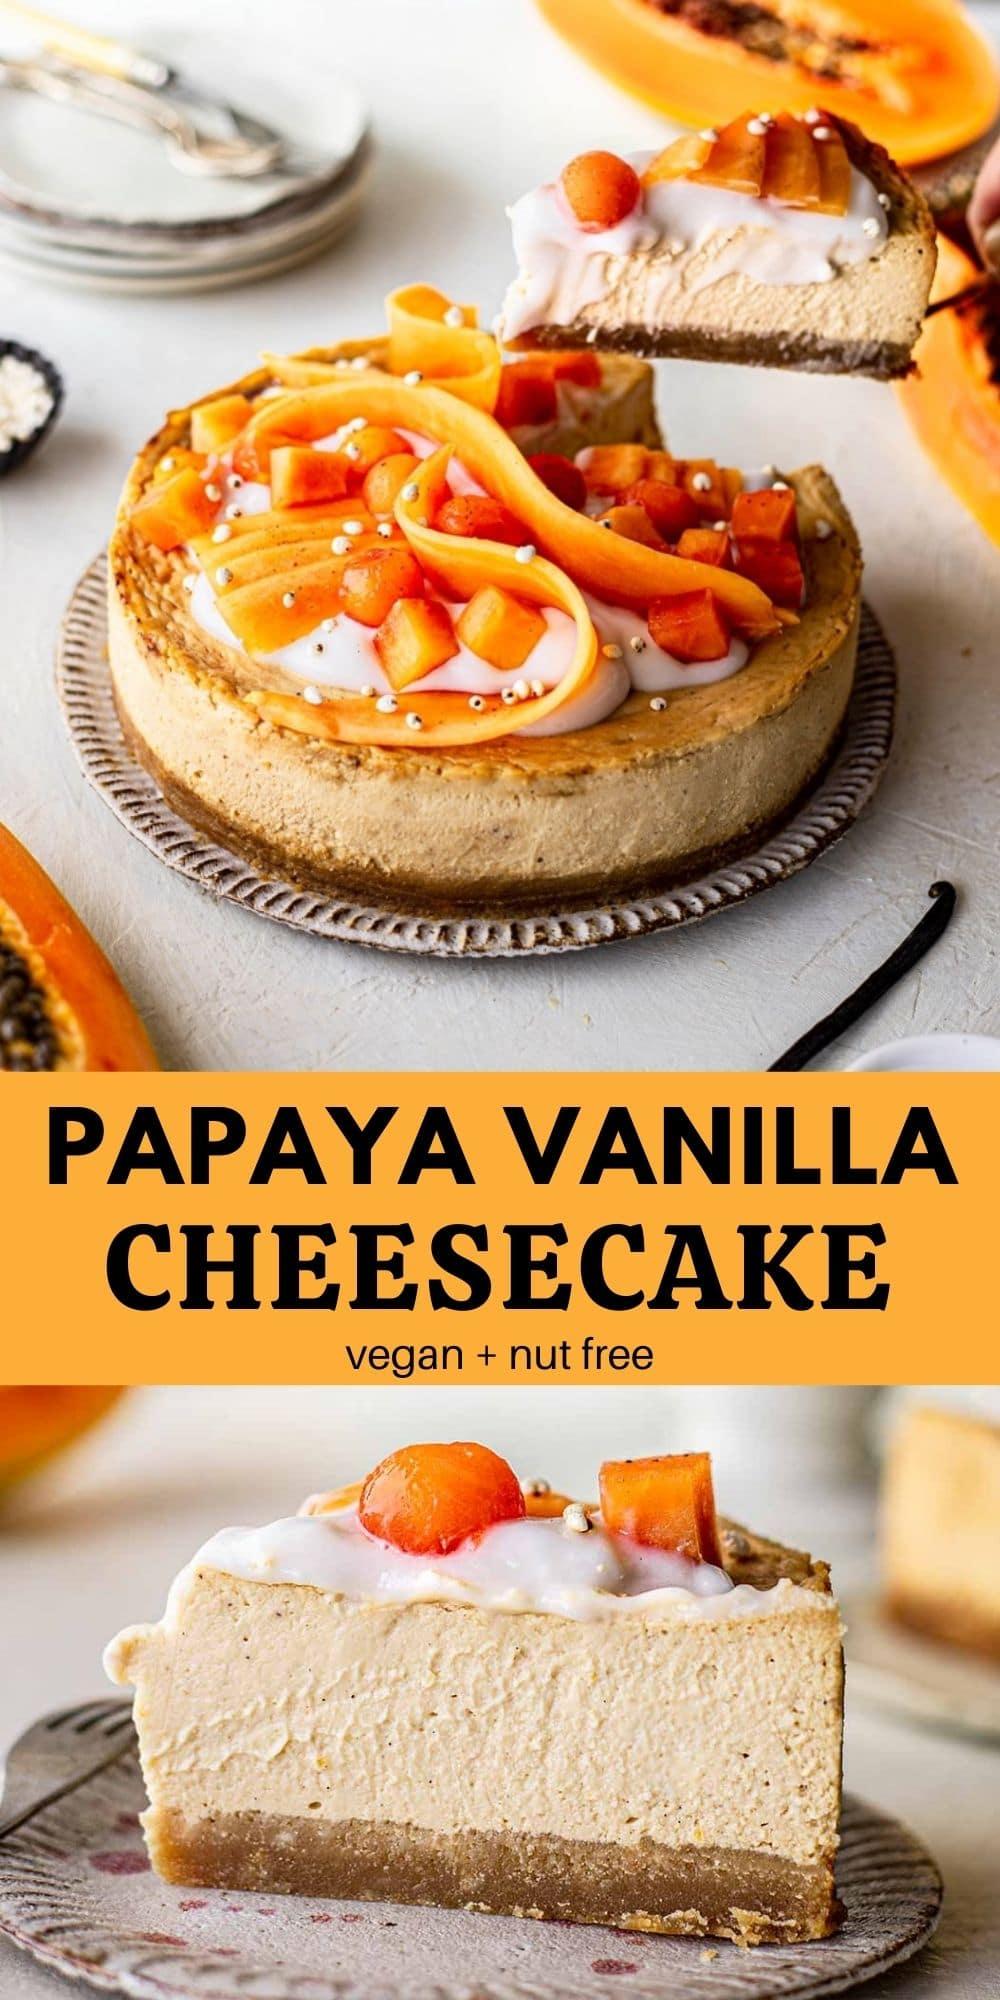 Papaya vanilla cheesecake (vegan)